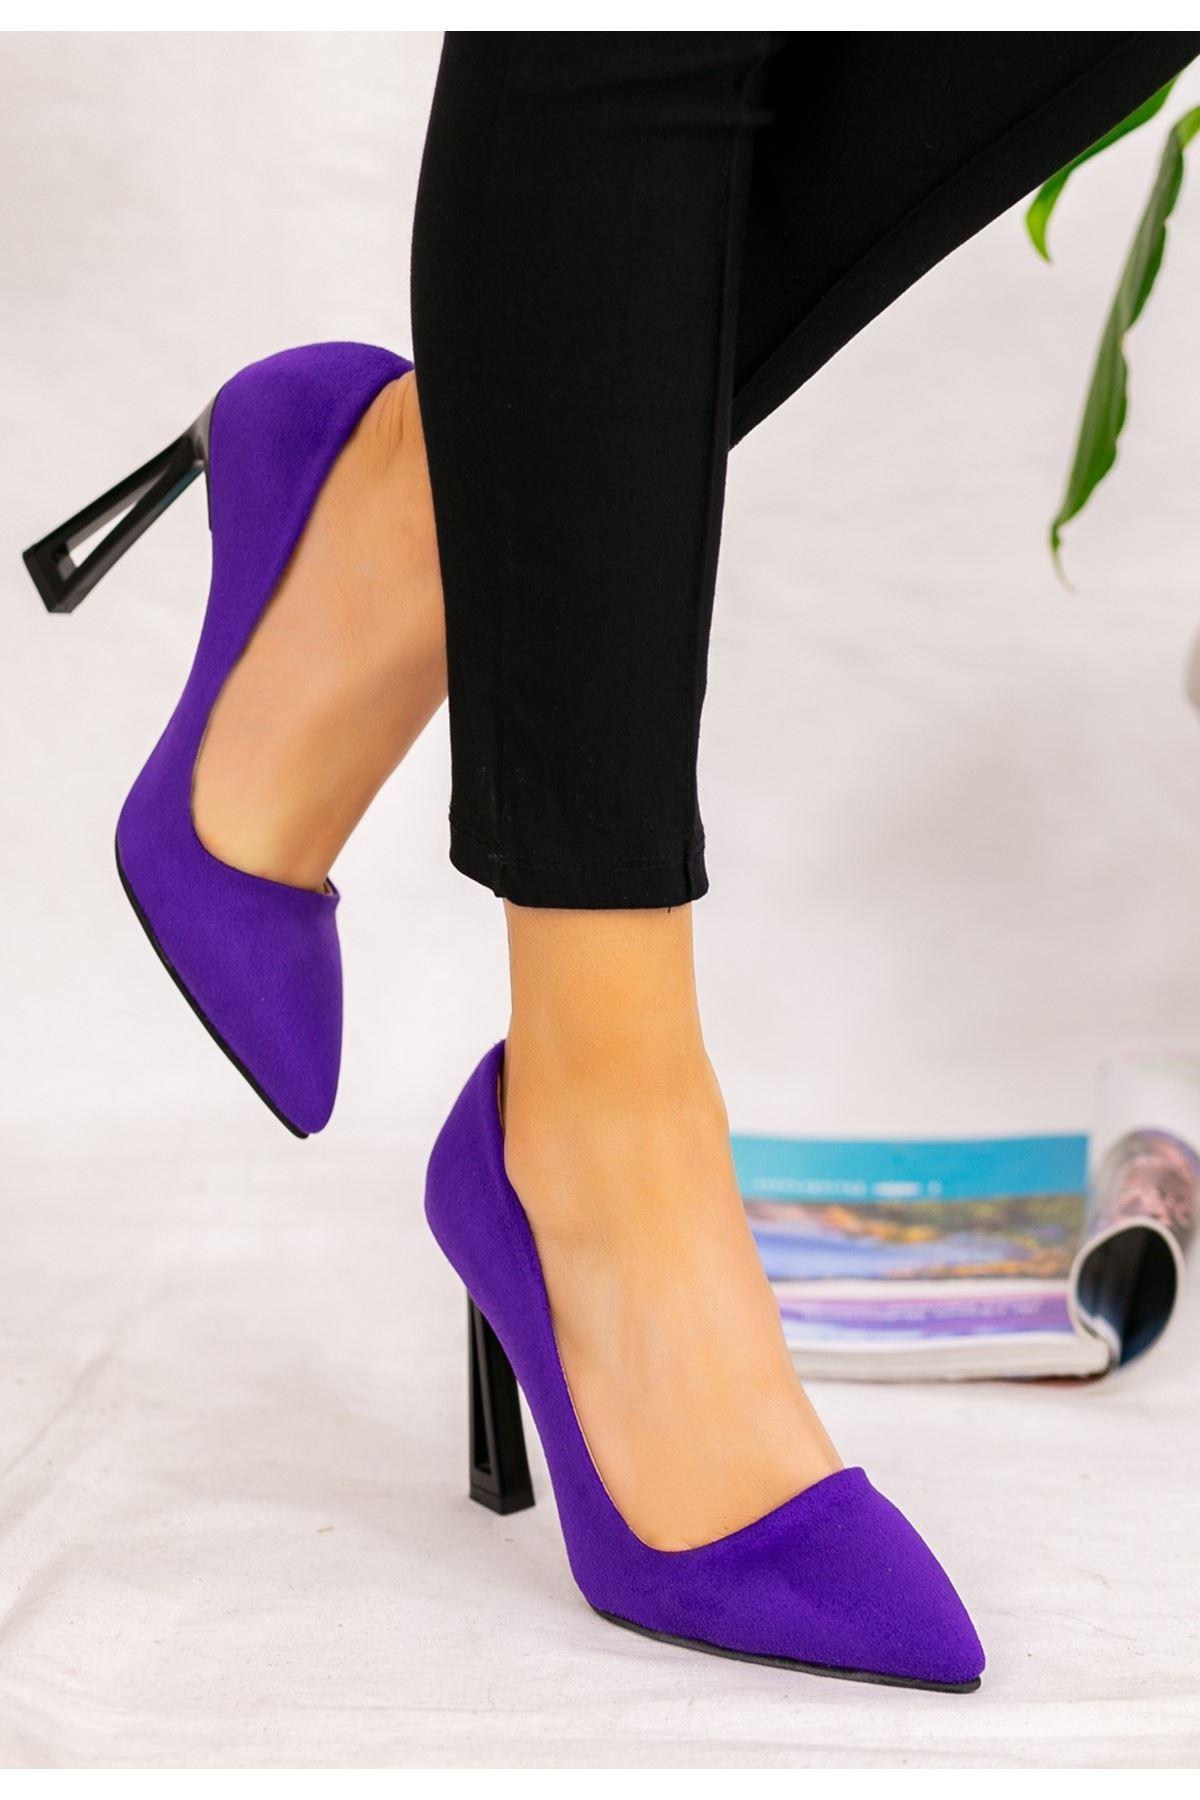 Diye Mor Süet Topuklu Ayakkabı